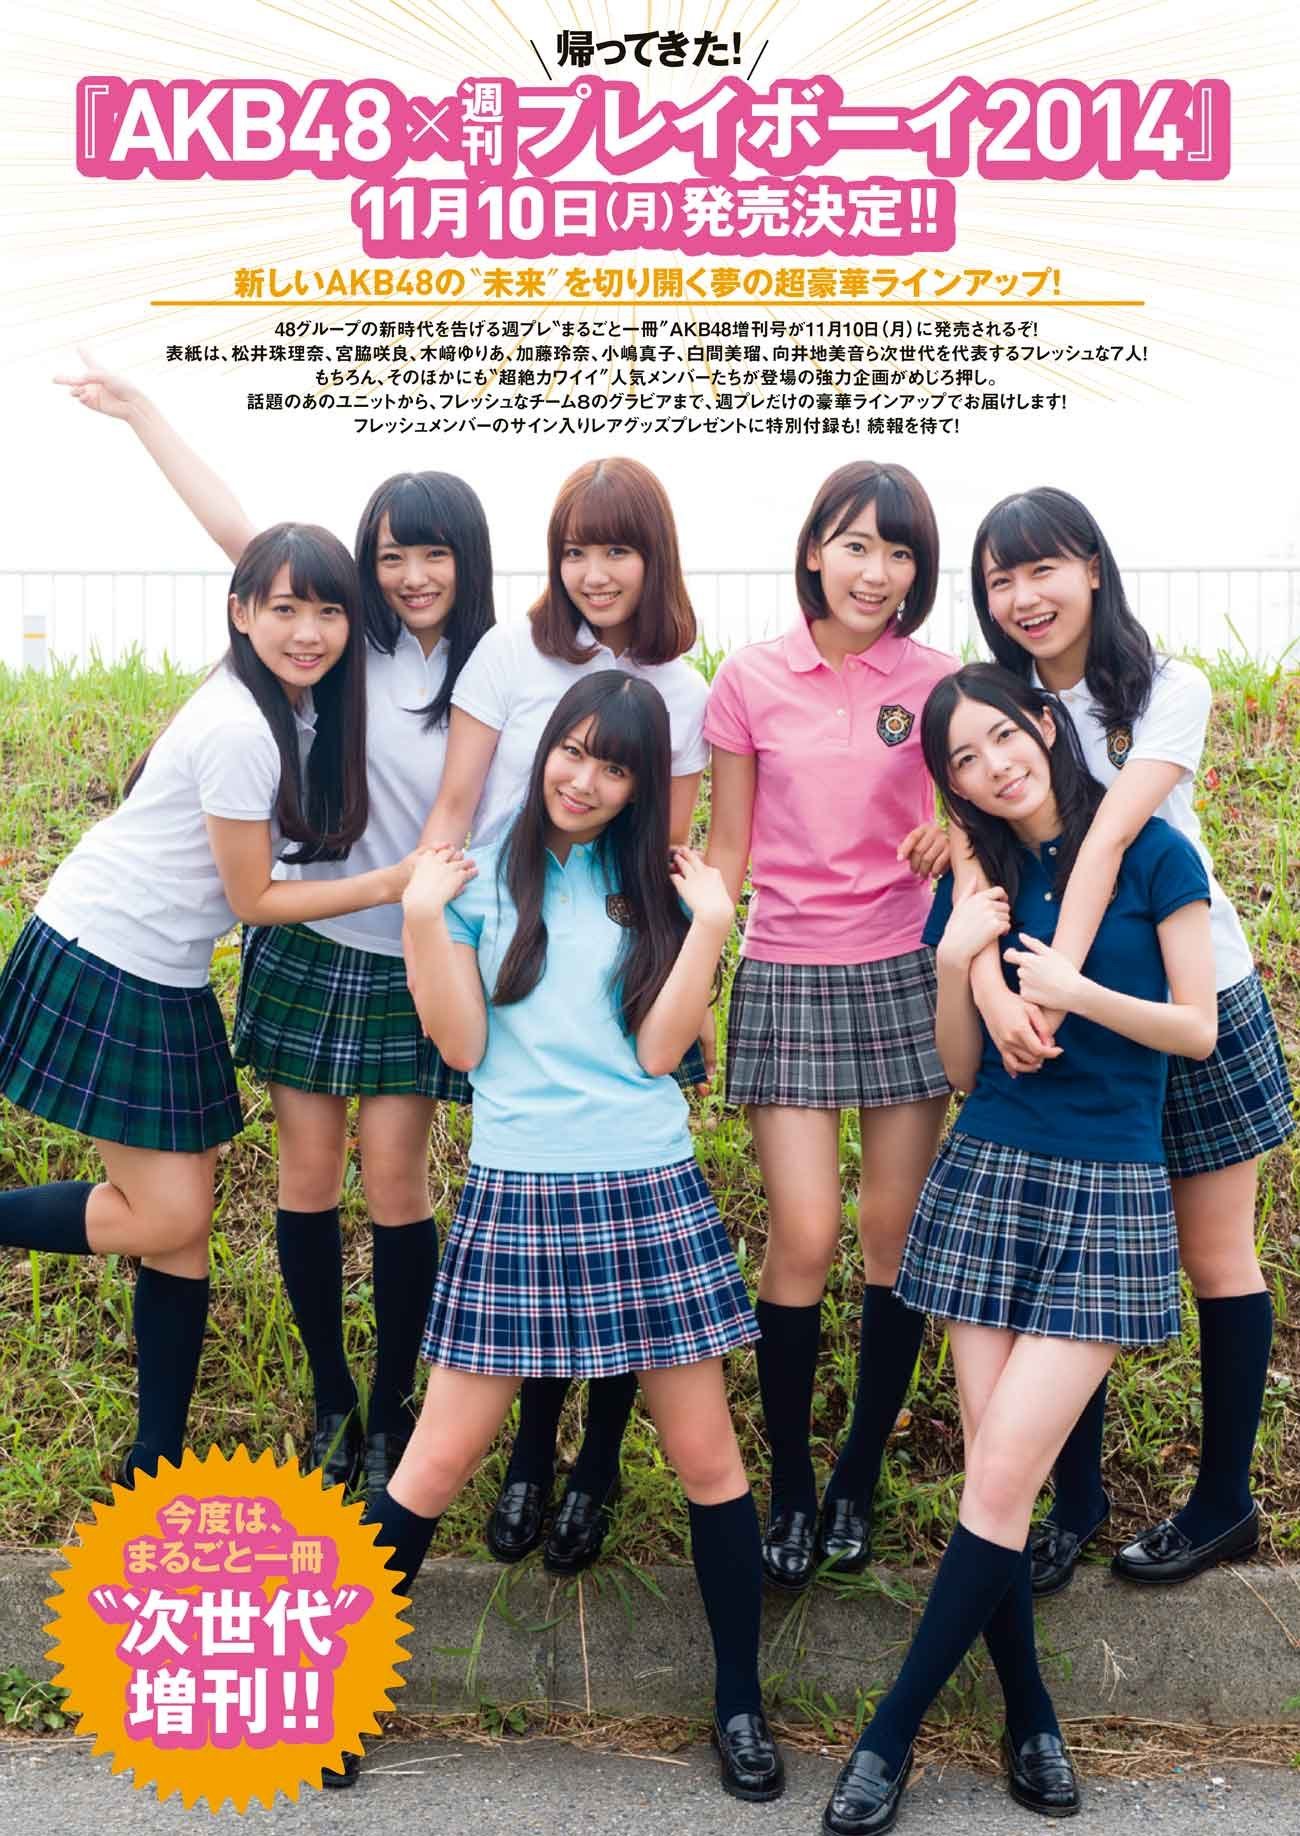 AKB48×週刊プレイボーイ2014 宮脇咲良 1 (1)